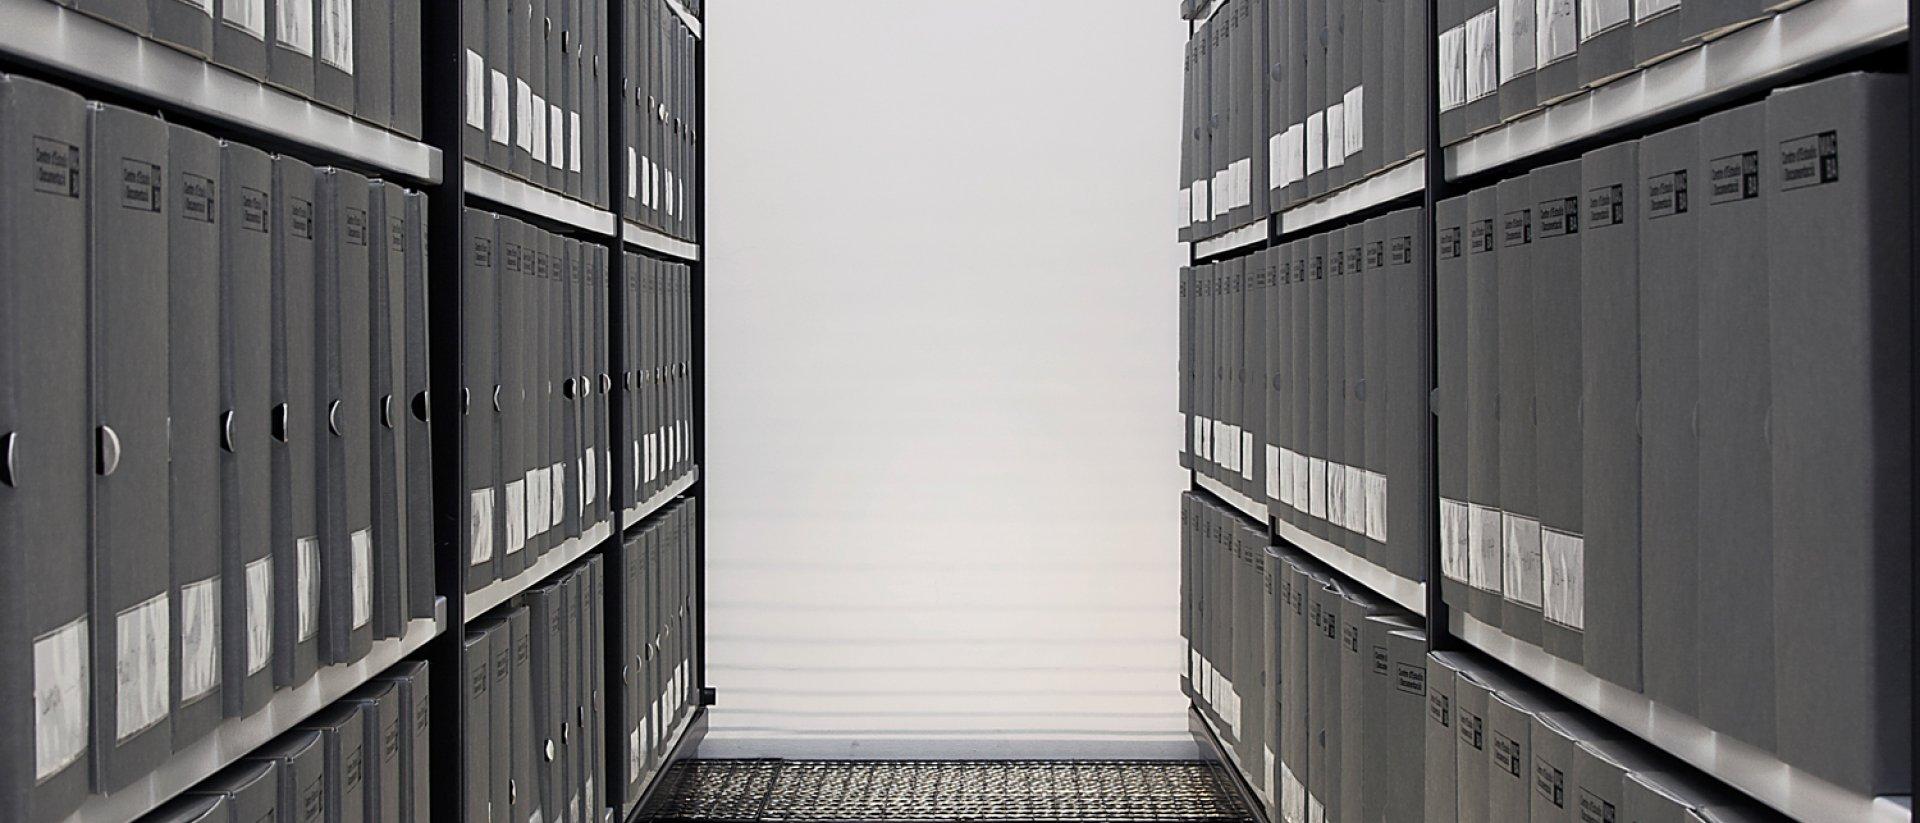 Dos estanterías con carpetas grises